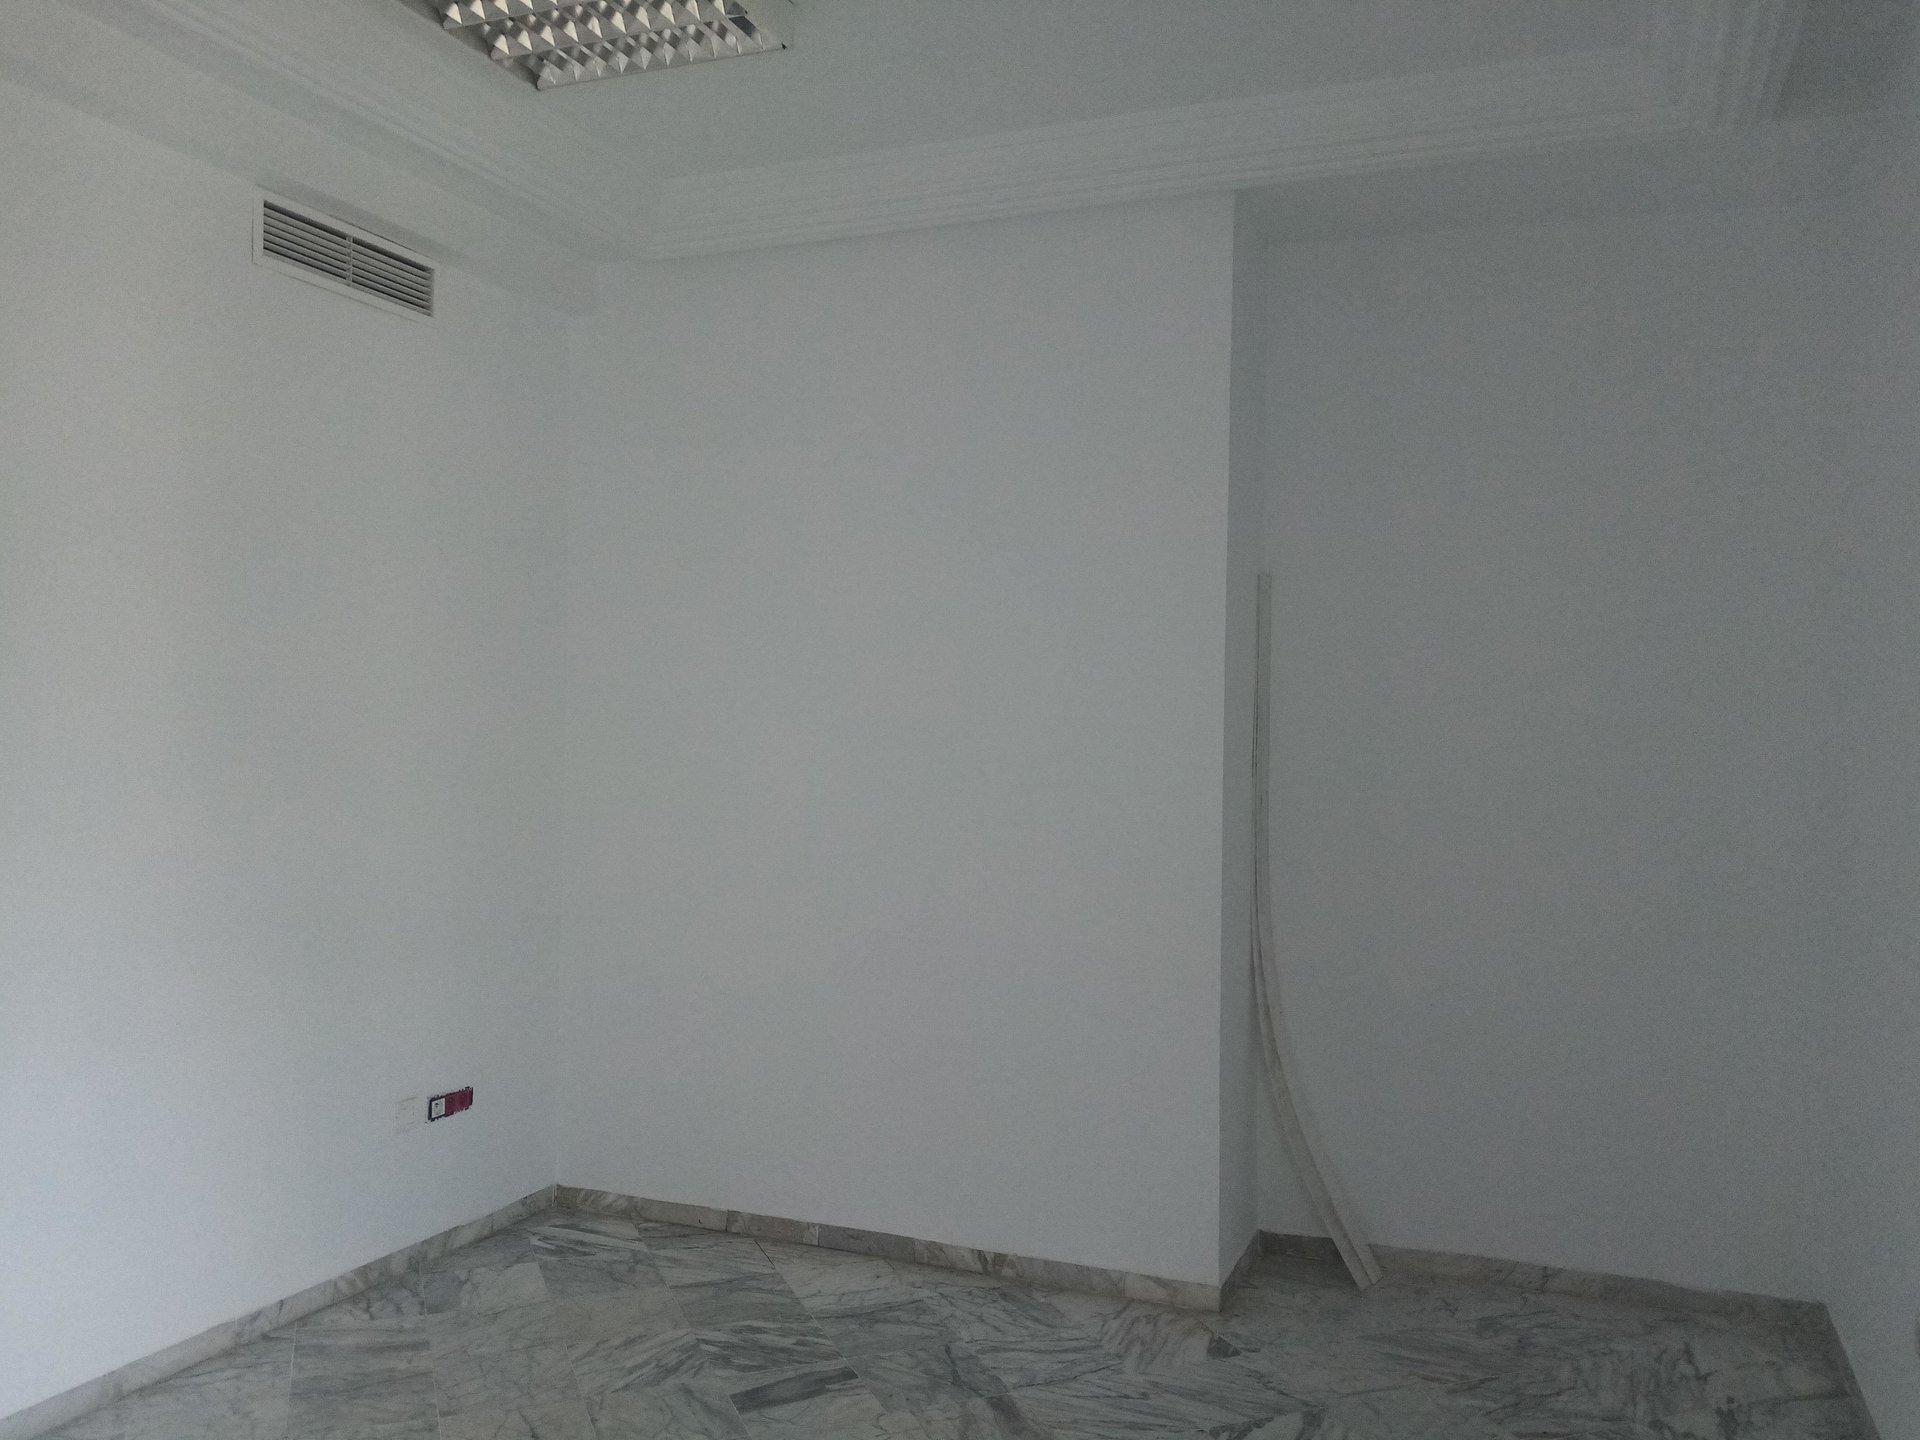 Bureau A+4 Lac 1